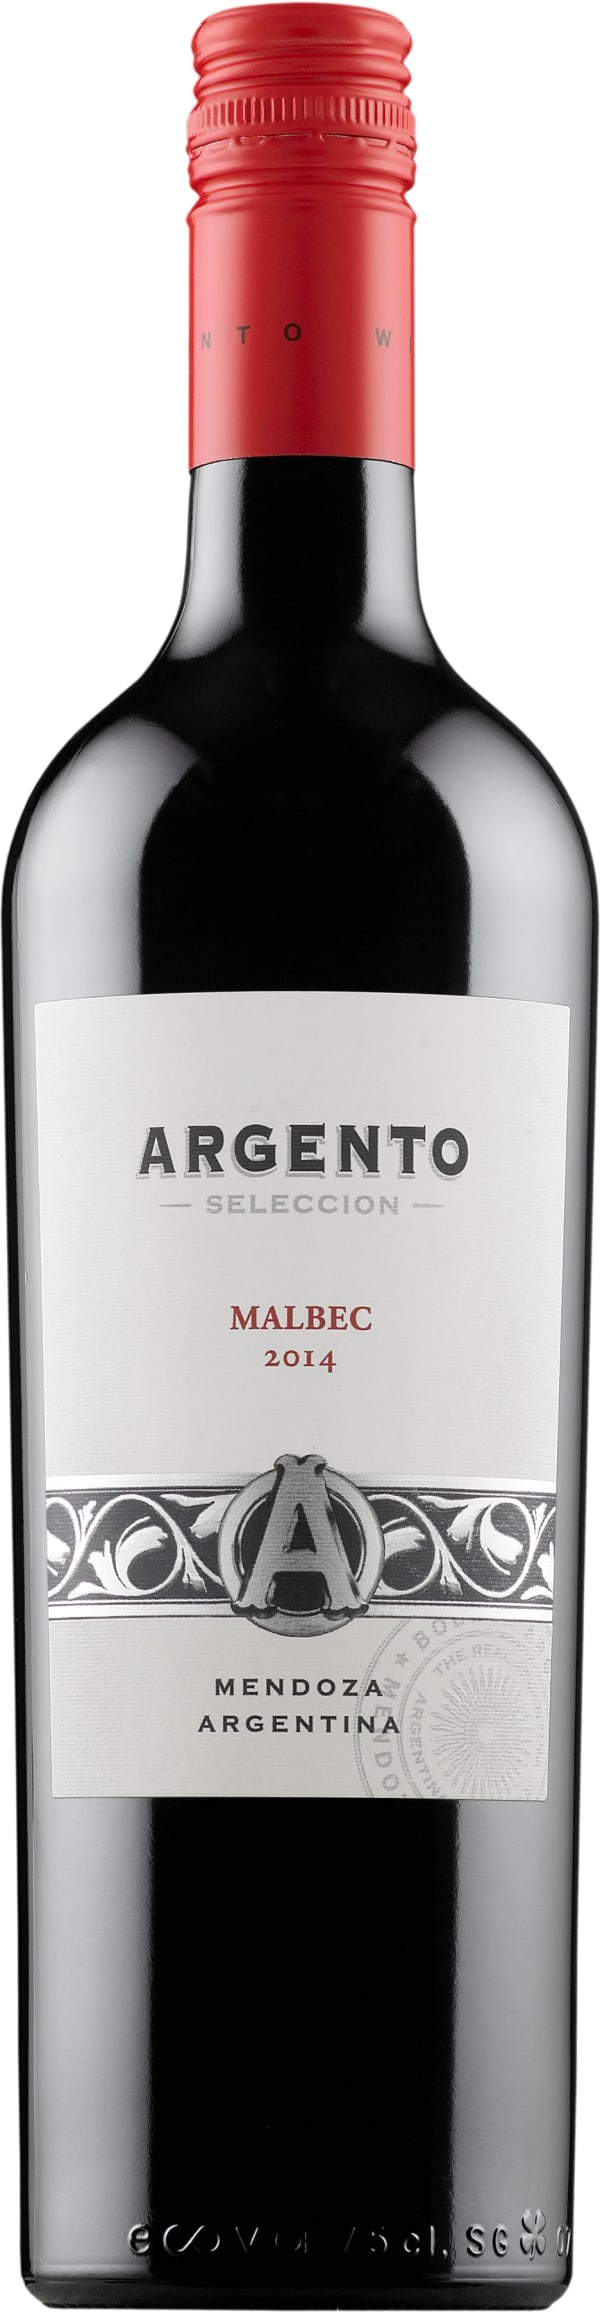 Argento Seleccion Malbec 2017